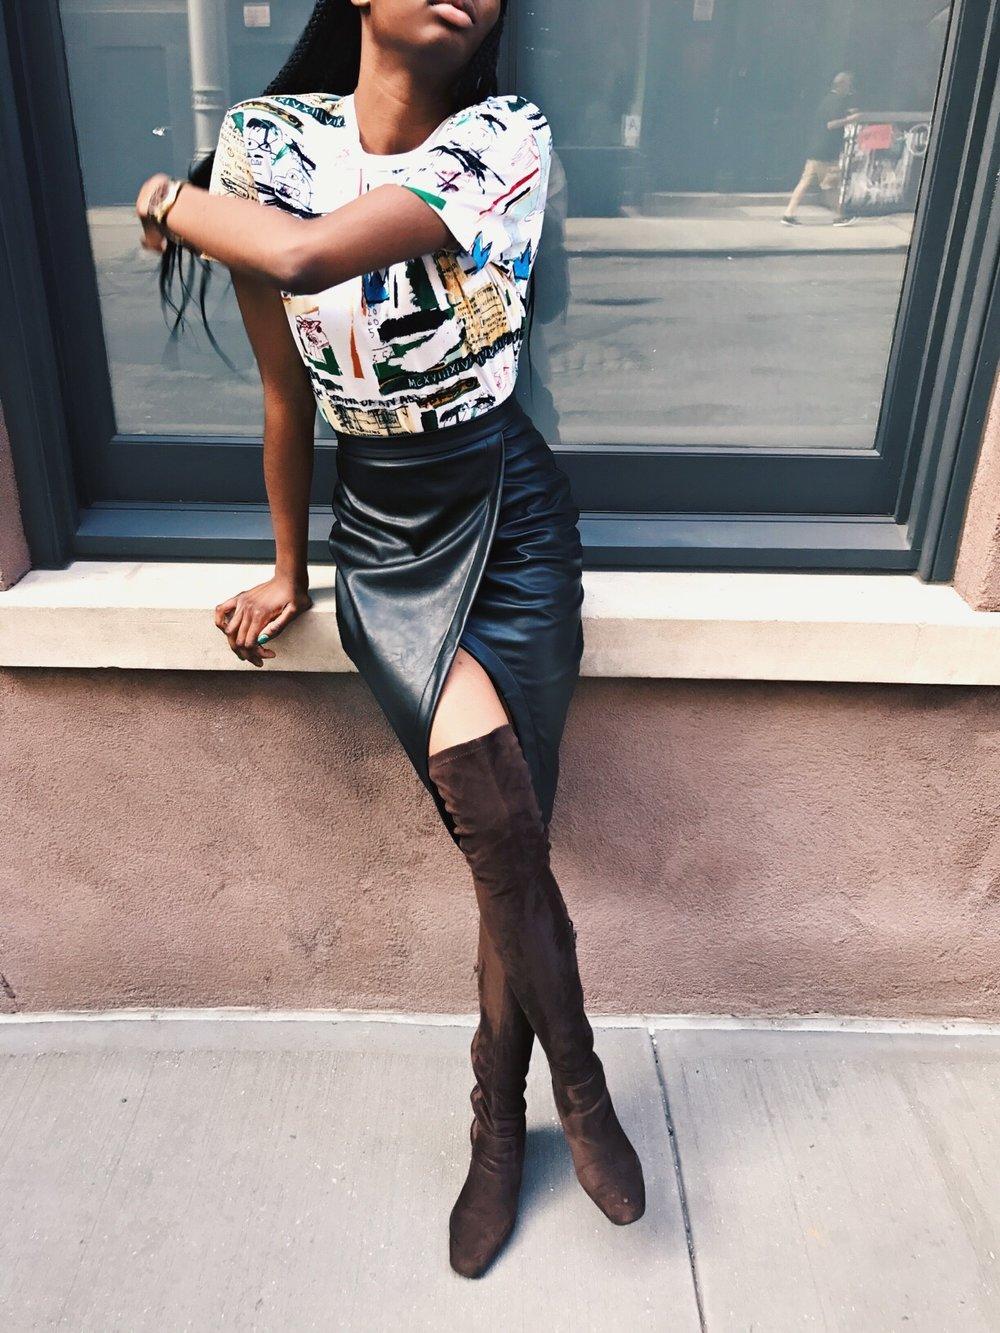 Age: 24Location: Brooklyn, New York -